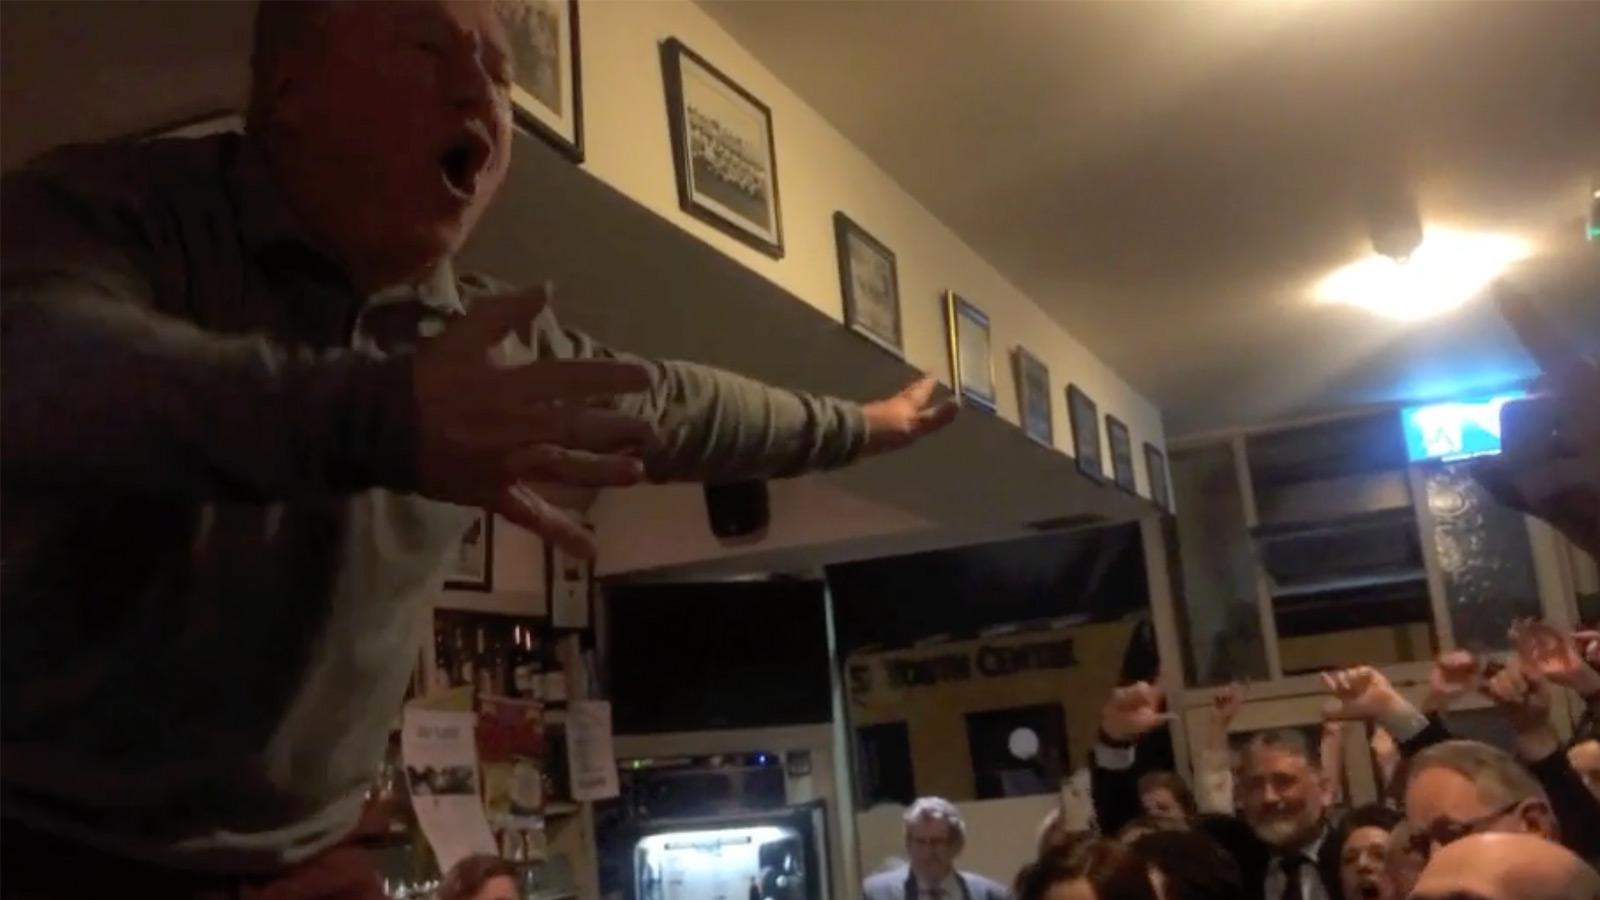 """Irischer Pub singt """"Mr. Brightside"""" zu Ehren ihres verstorbenen Freundes"""